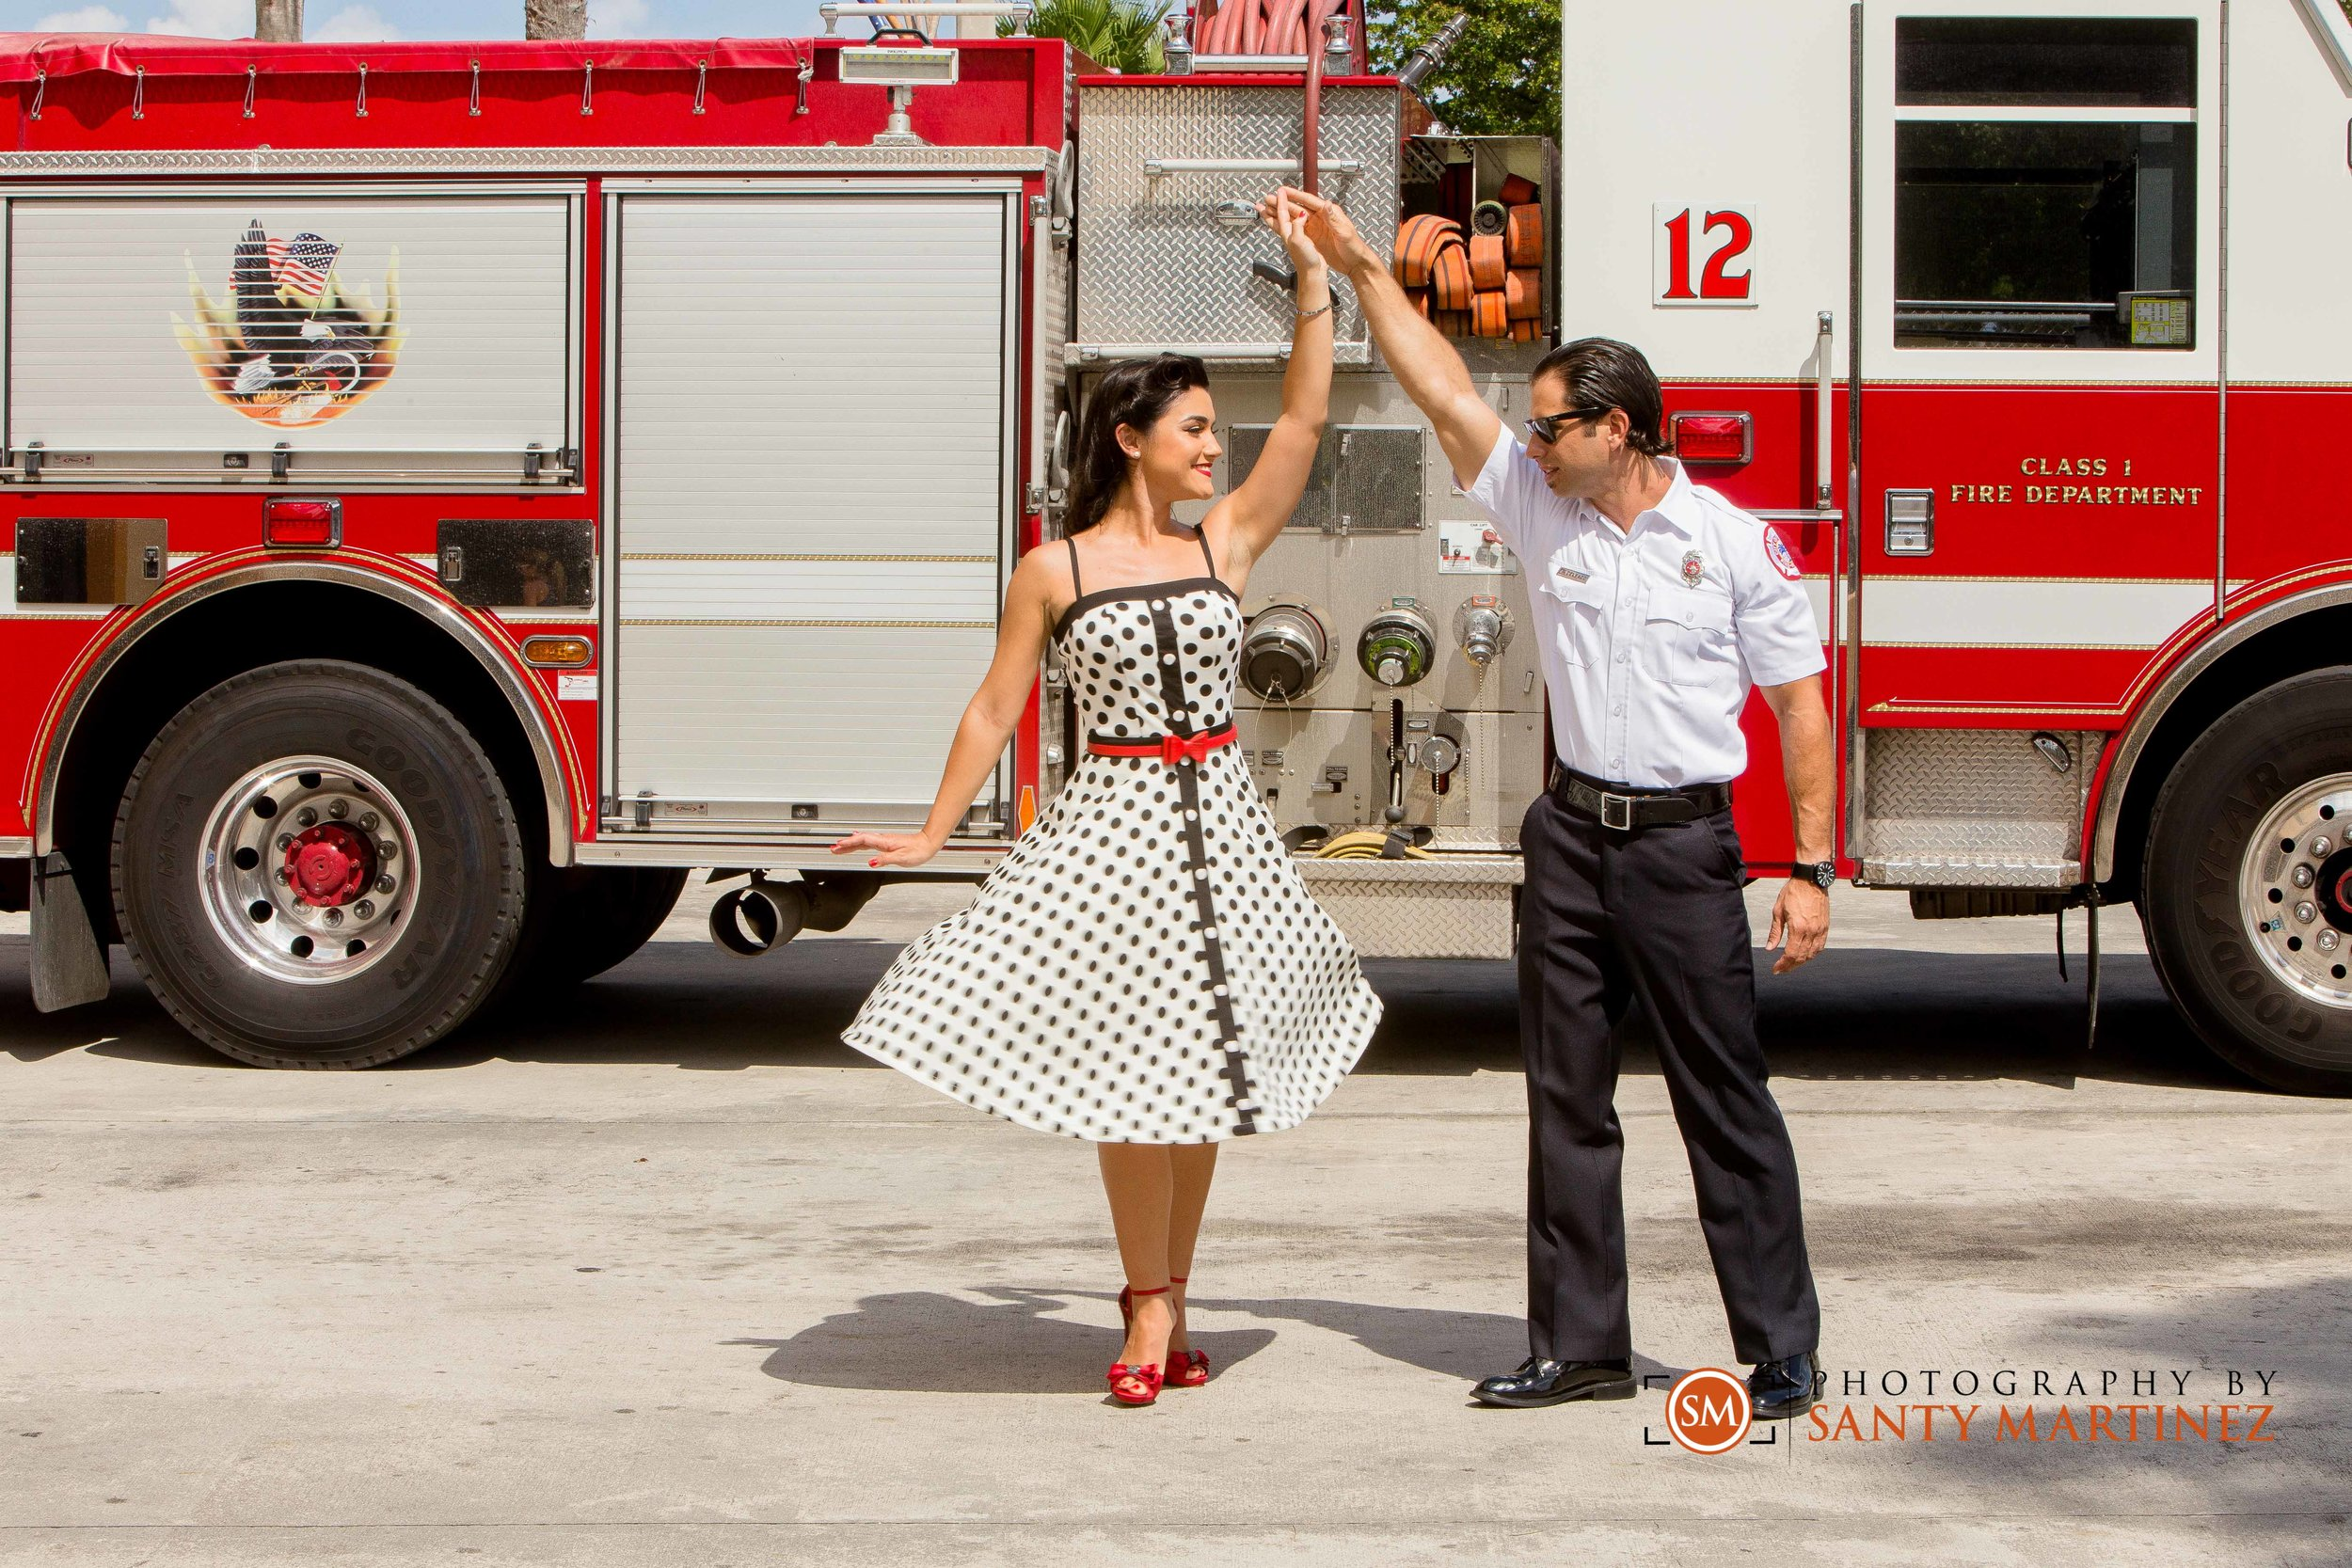 santy-martinez-firefighter-engagement-session-9.jpg